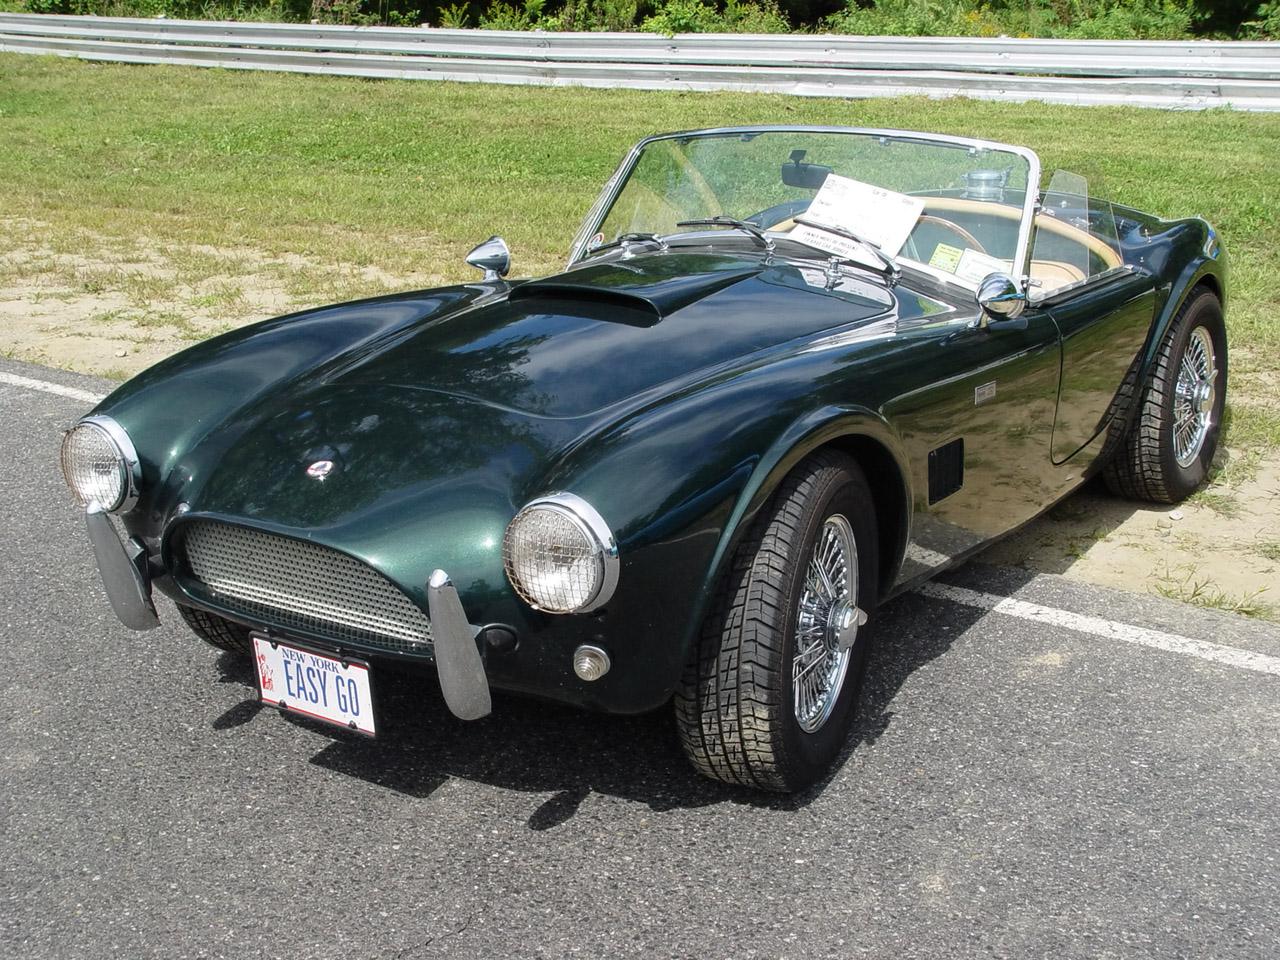 http://2.bp.blogspot.com/-RBiZqzTZ5W4/Td3ncRsRZtI/AAAAAAAAAdU/rKSFpk3X680/s1600/1964-Shelby-Cobra-green-fa-1280x960-lr.jpg